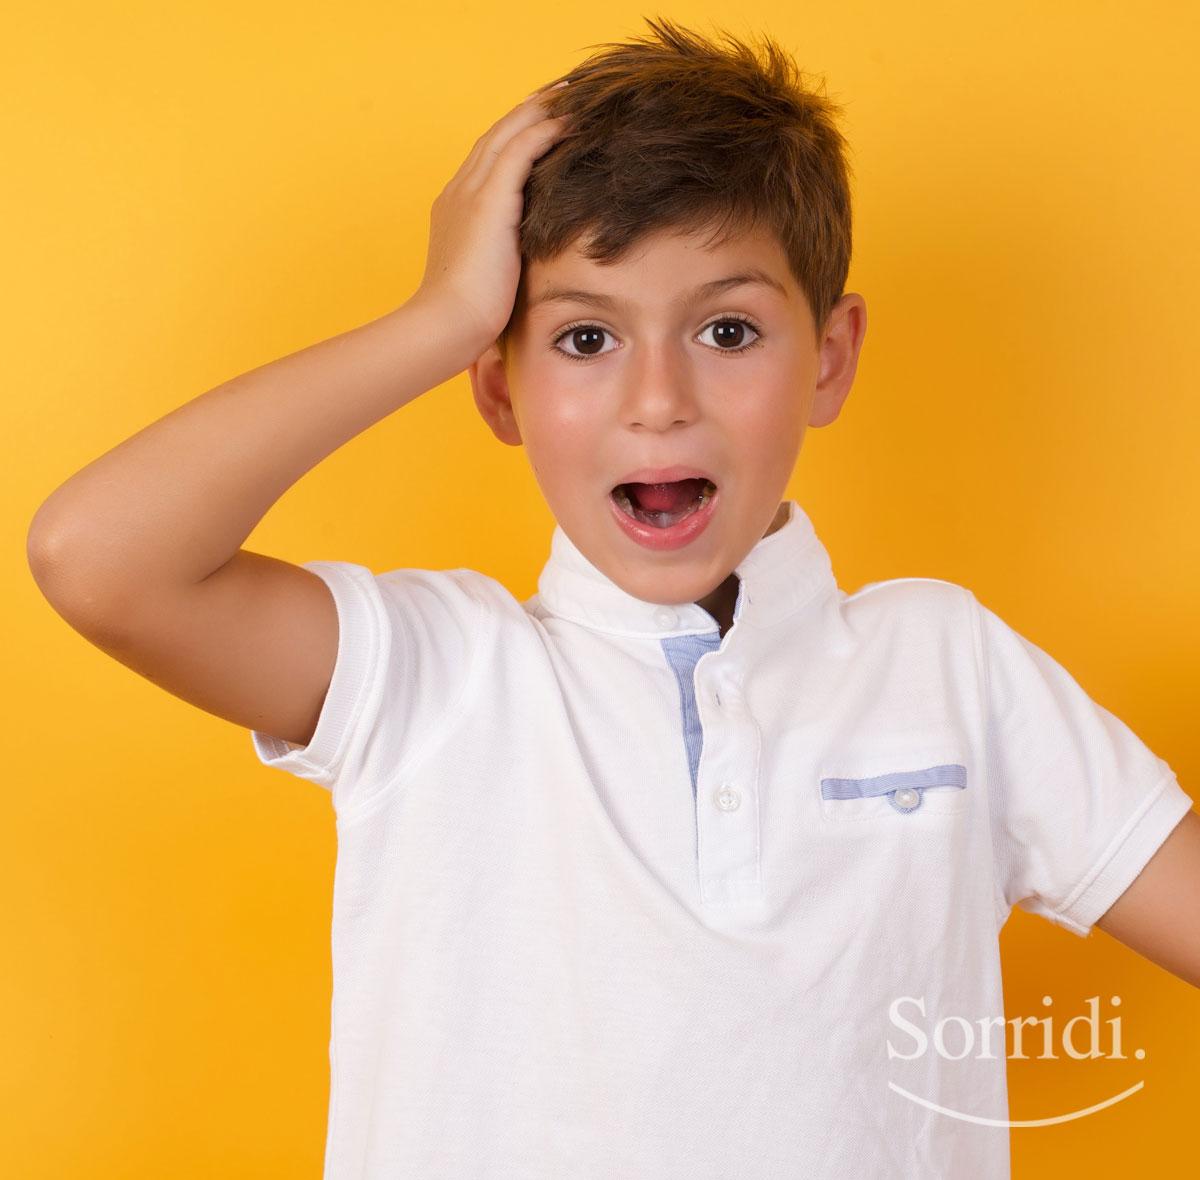 Sorridi-ch-magazine-malocclusioni-e-postura